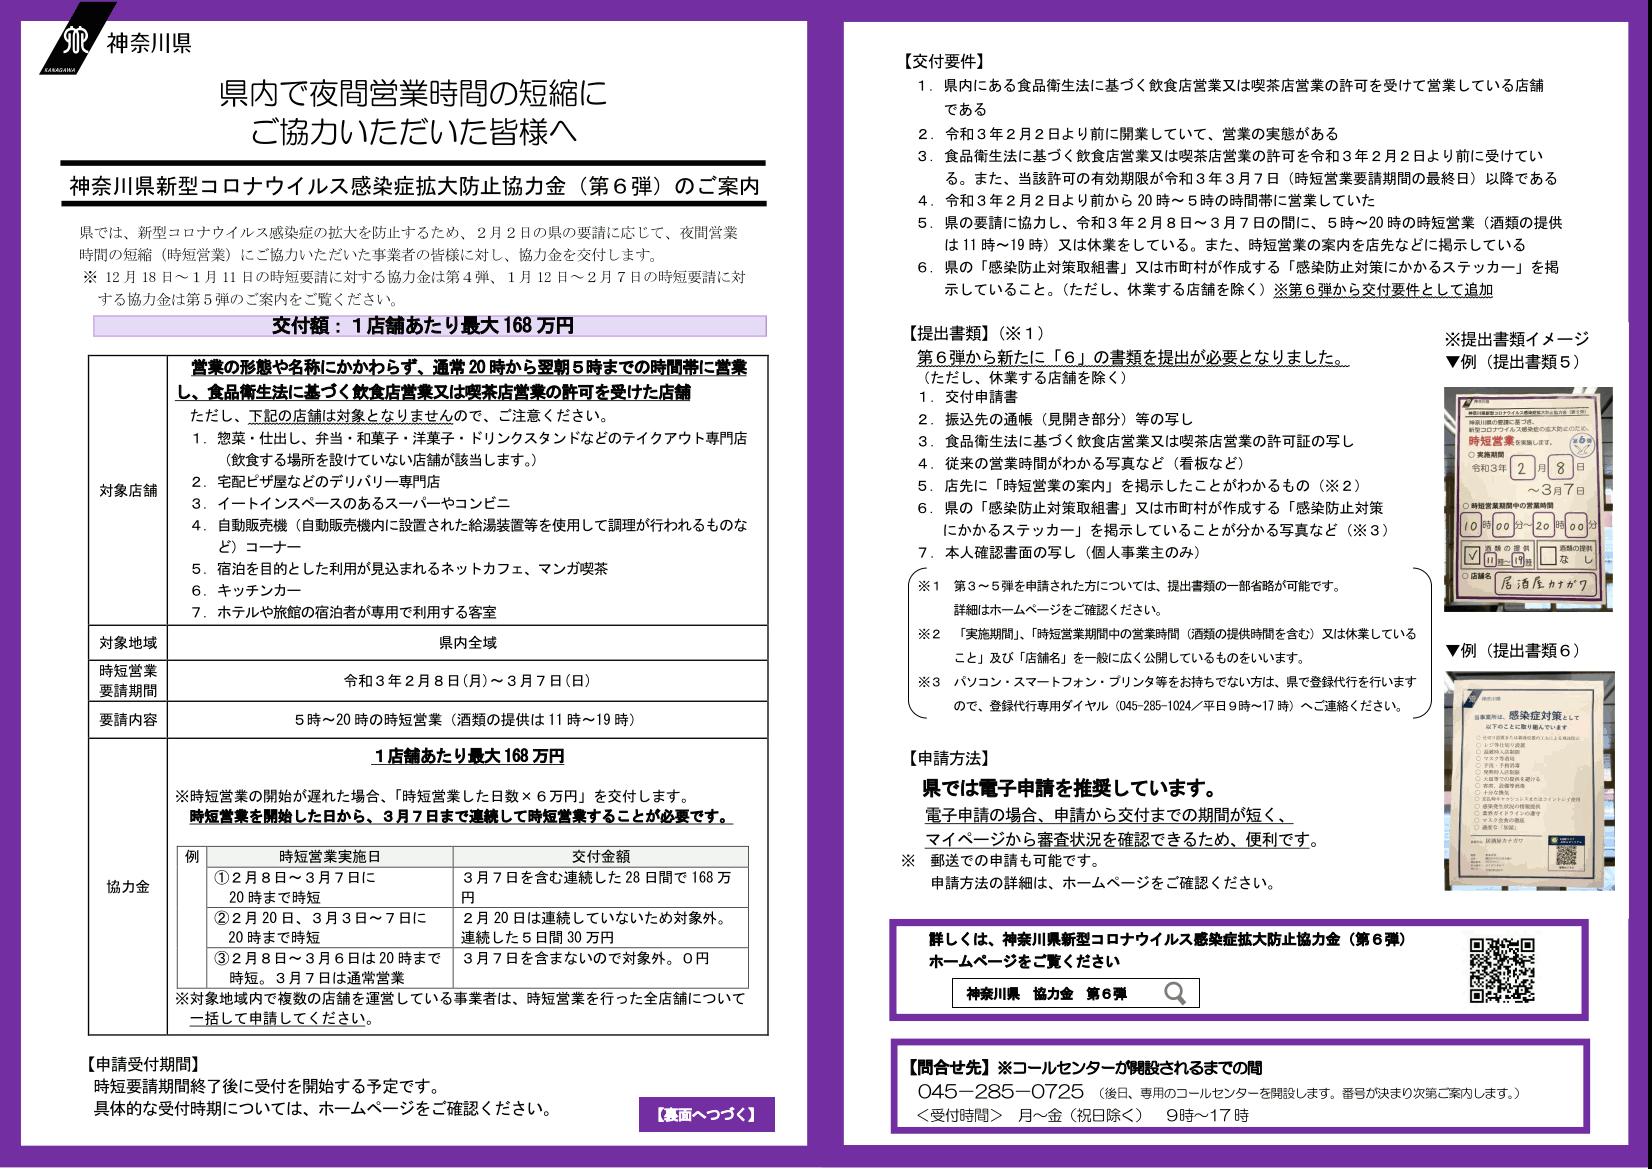 協力 金 5 神奈川 弾 第